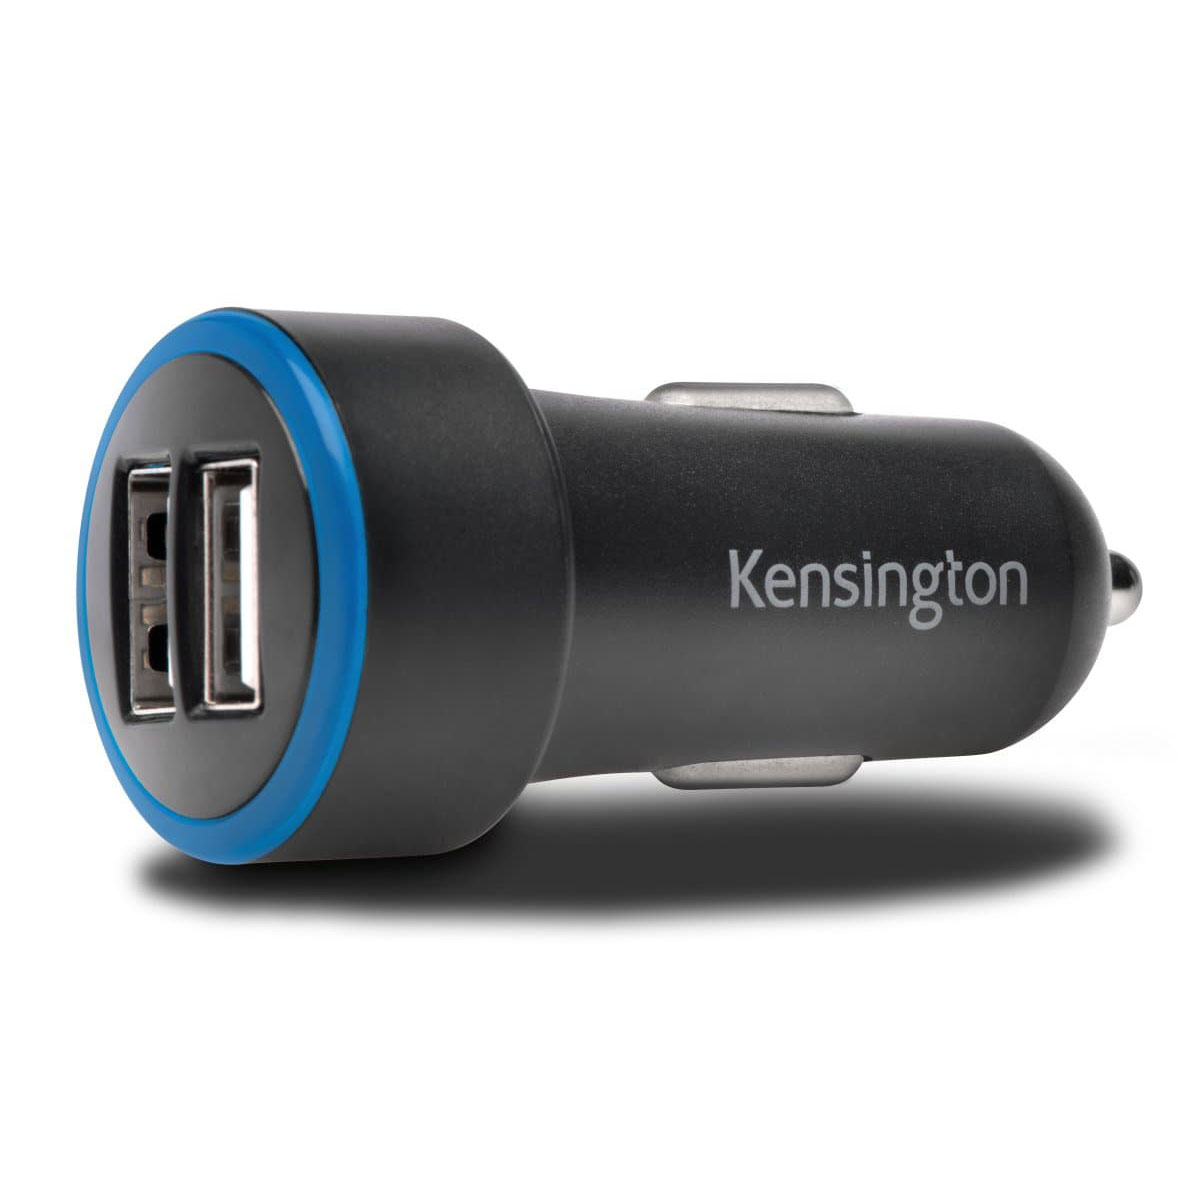 kensington powerbolt 5 2a chargeur t l phone kensington sur. Black Bedroom Furniture Sets. Home Design Ideas